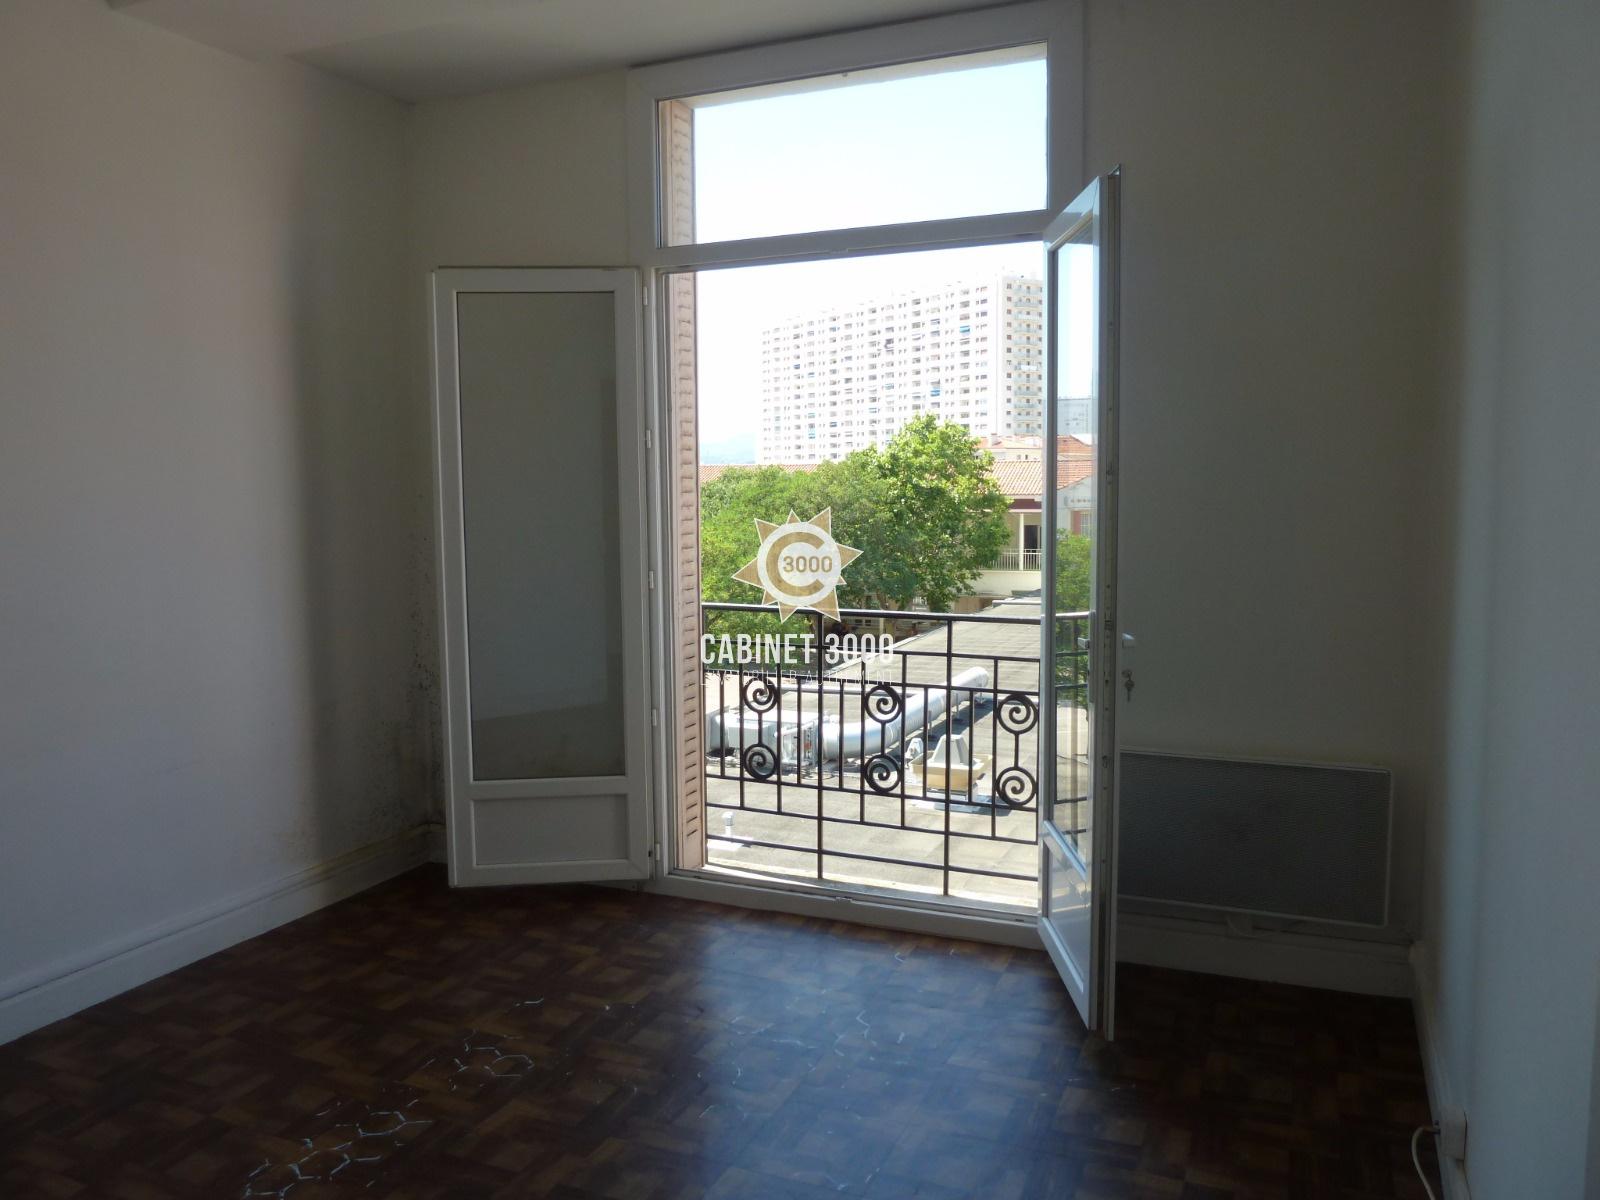 vente M1323  TOULON  Le Mourillon  Appartement T4 de 68 m